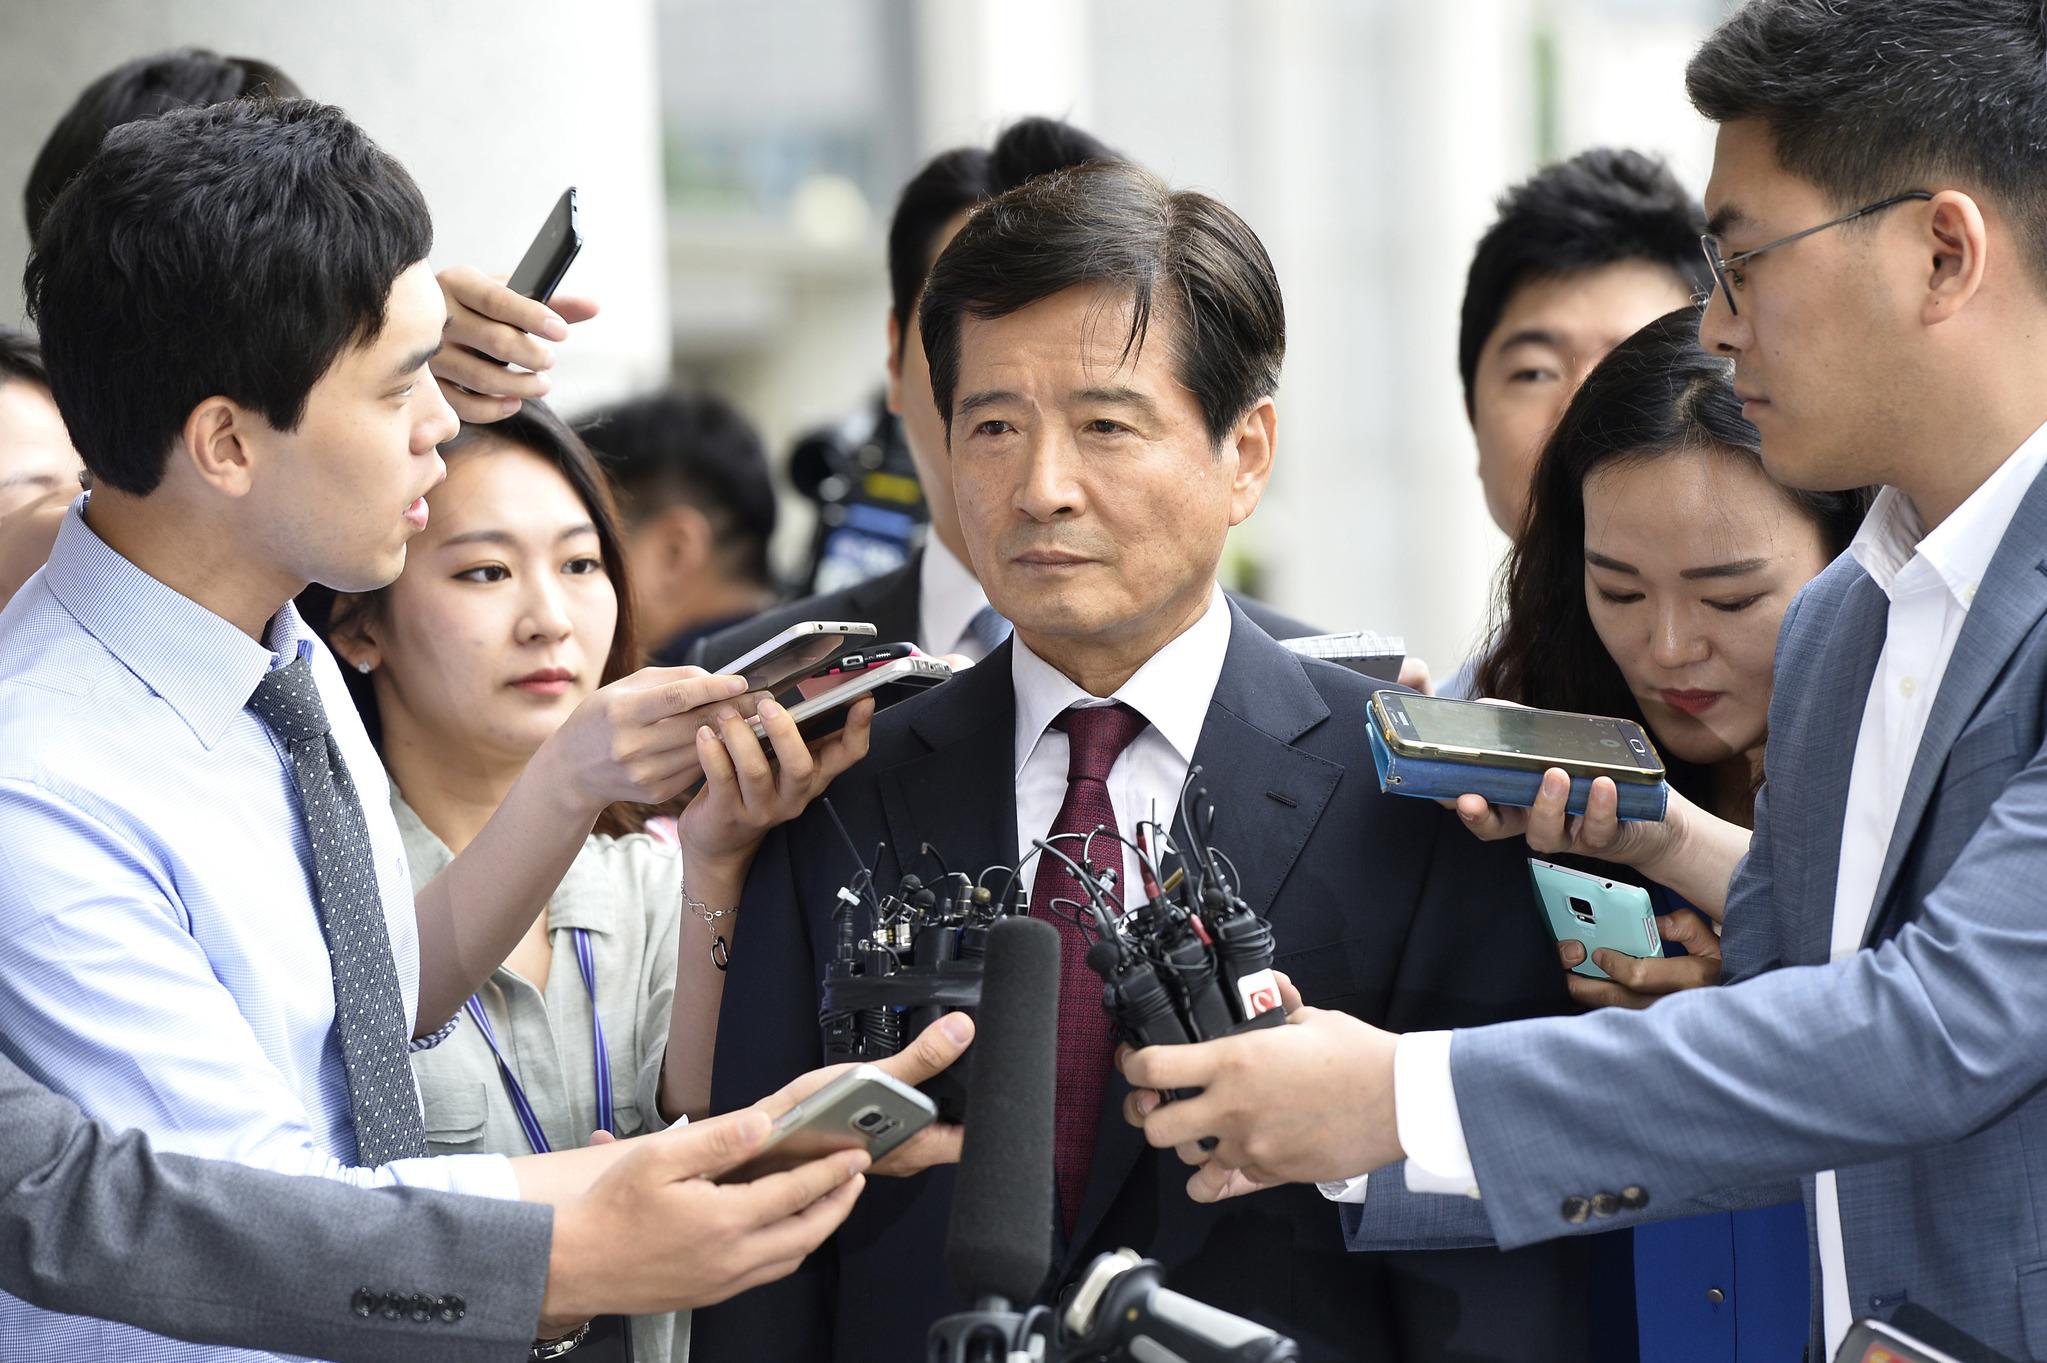 지난해 6월 27일 검찰의 소환 통보를 받고 서울 서초동 검찰청에 출석한 남상태 전 대우조선해양 사장.